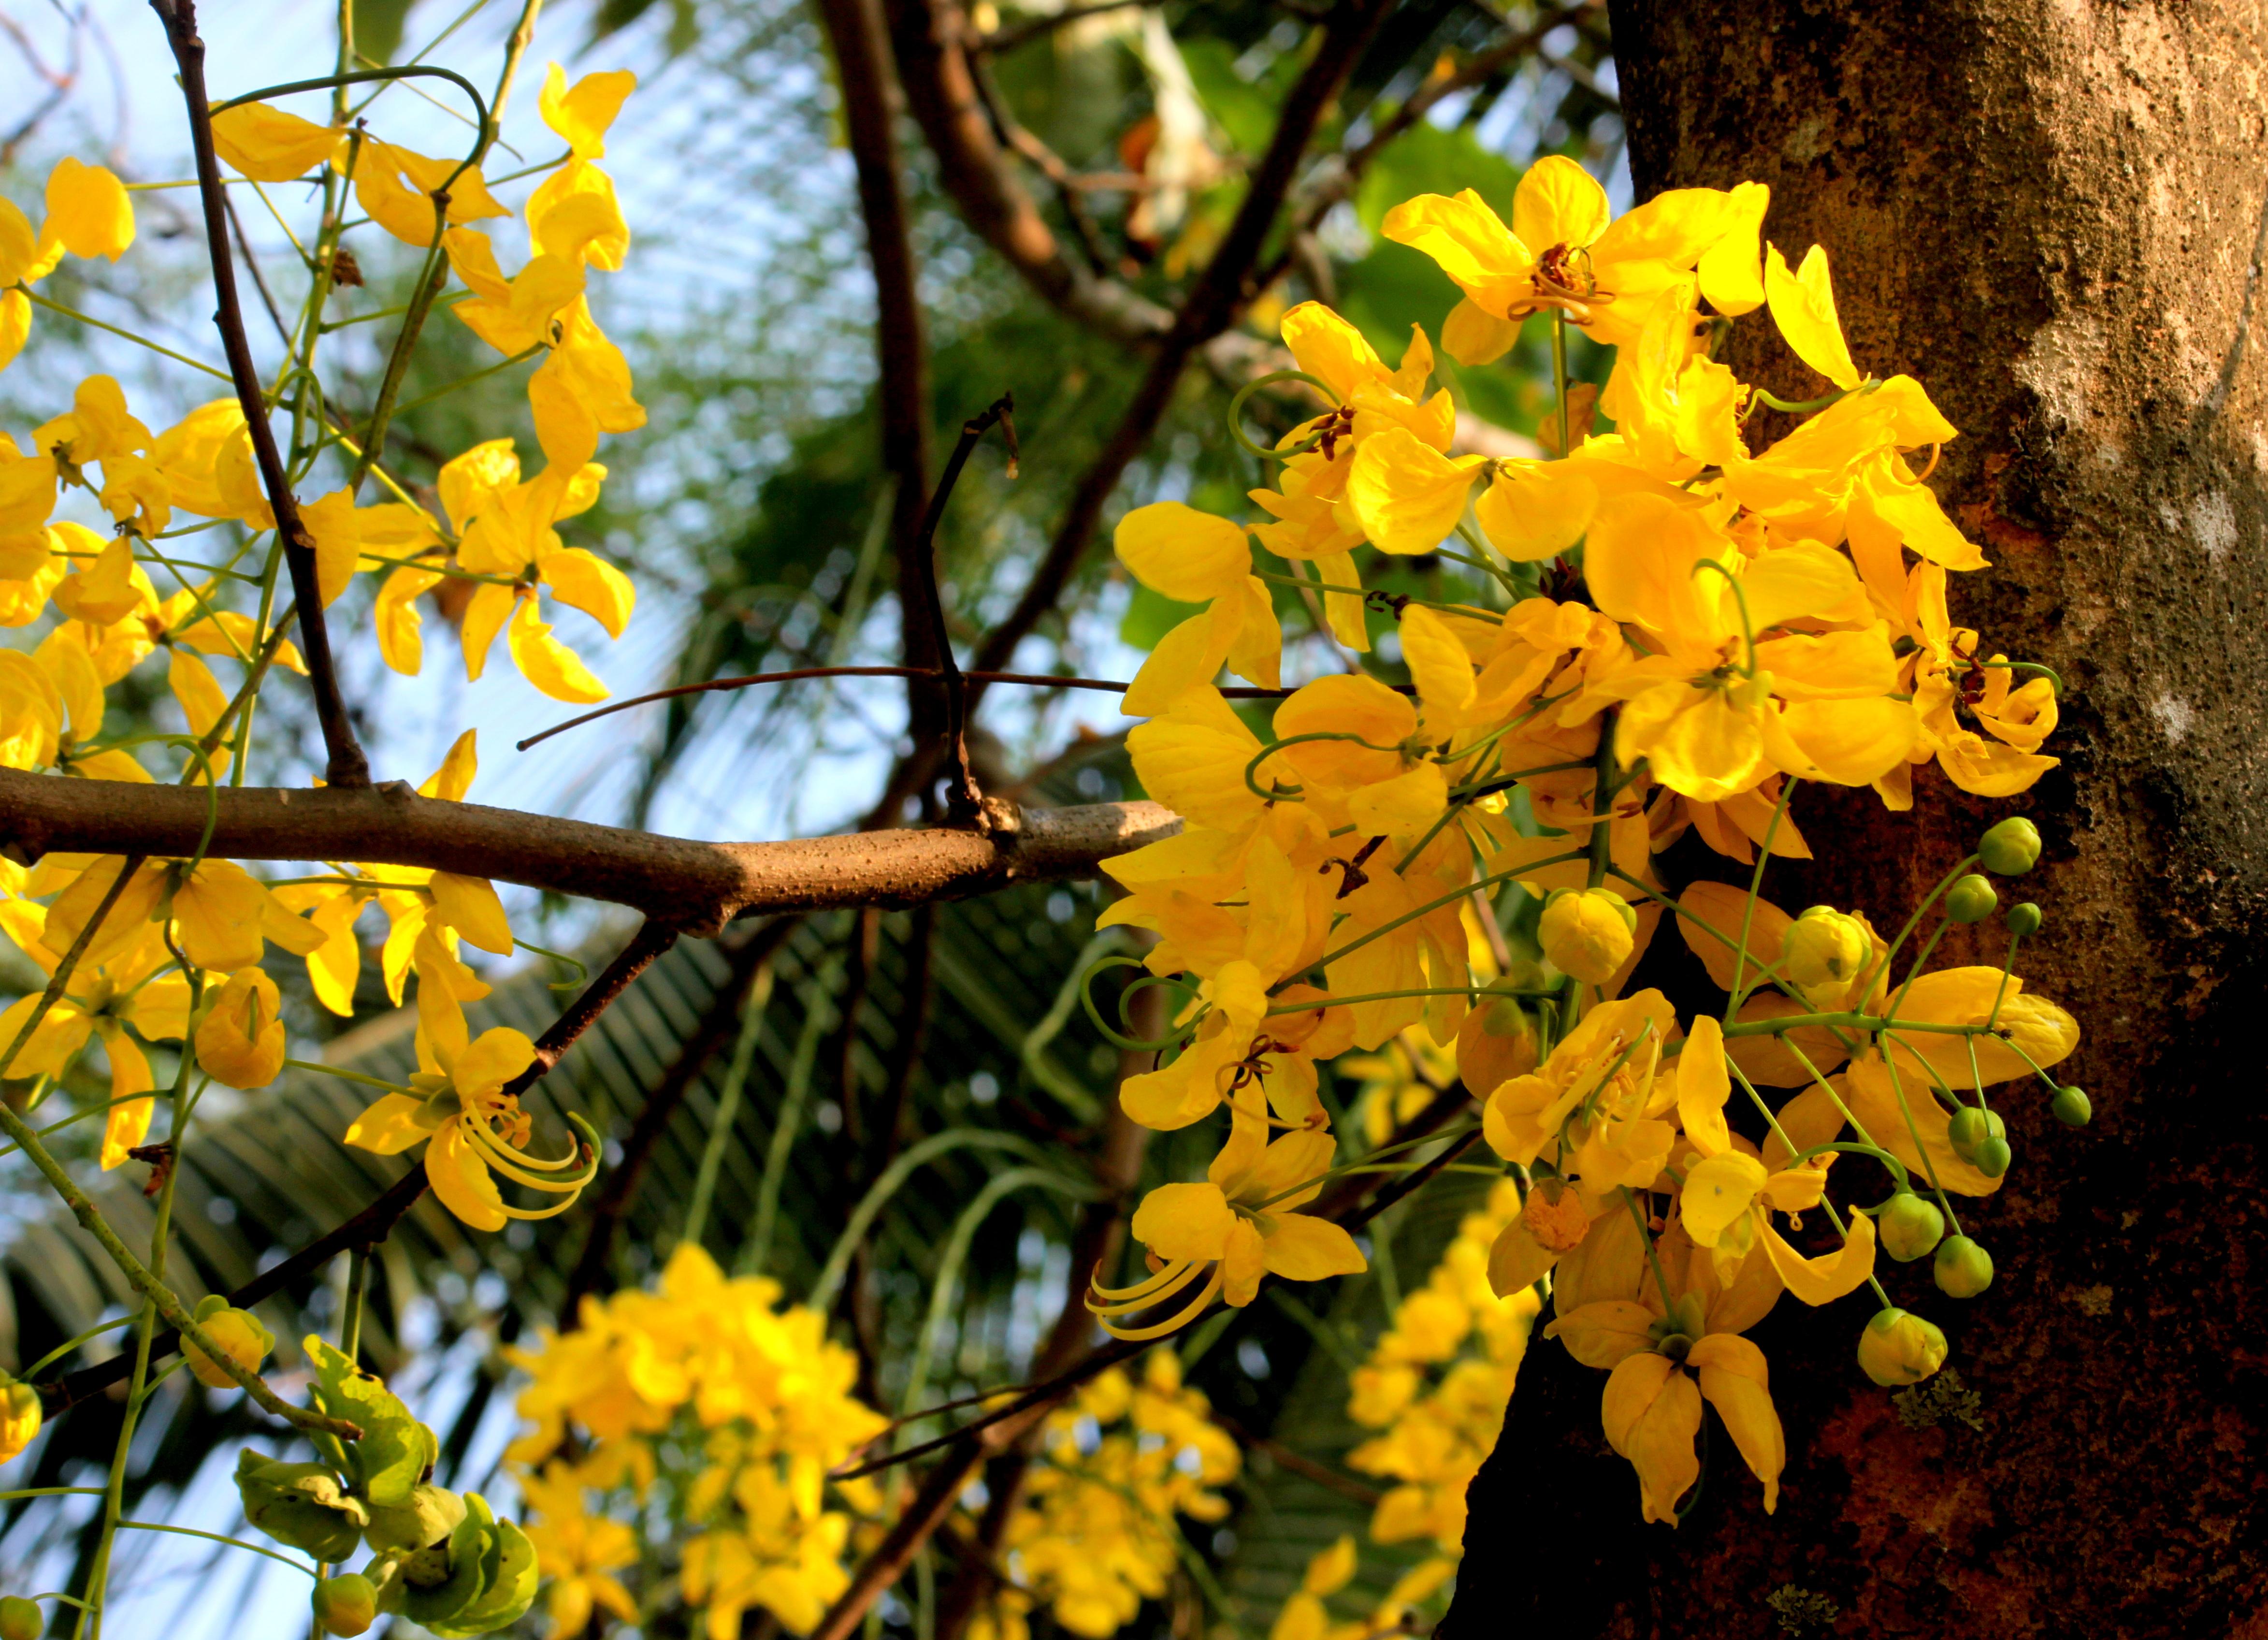 Vishu Large Images